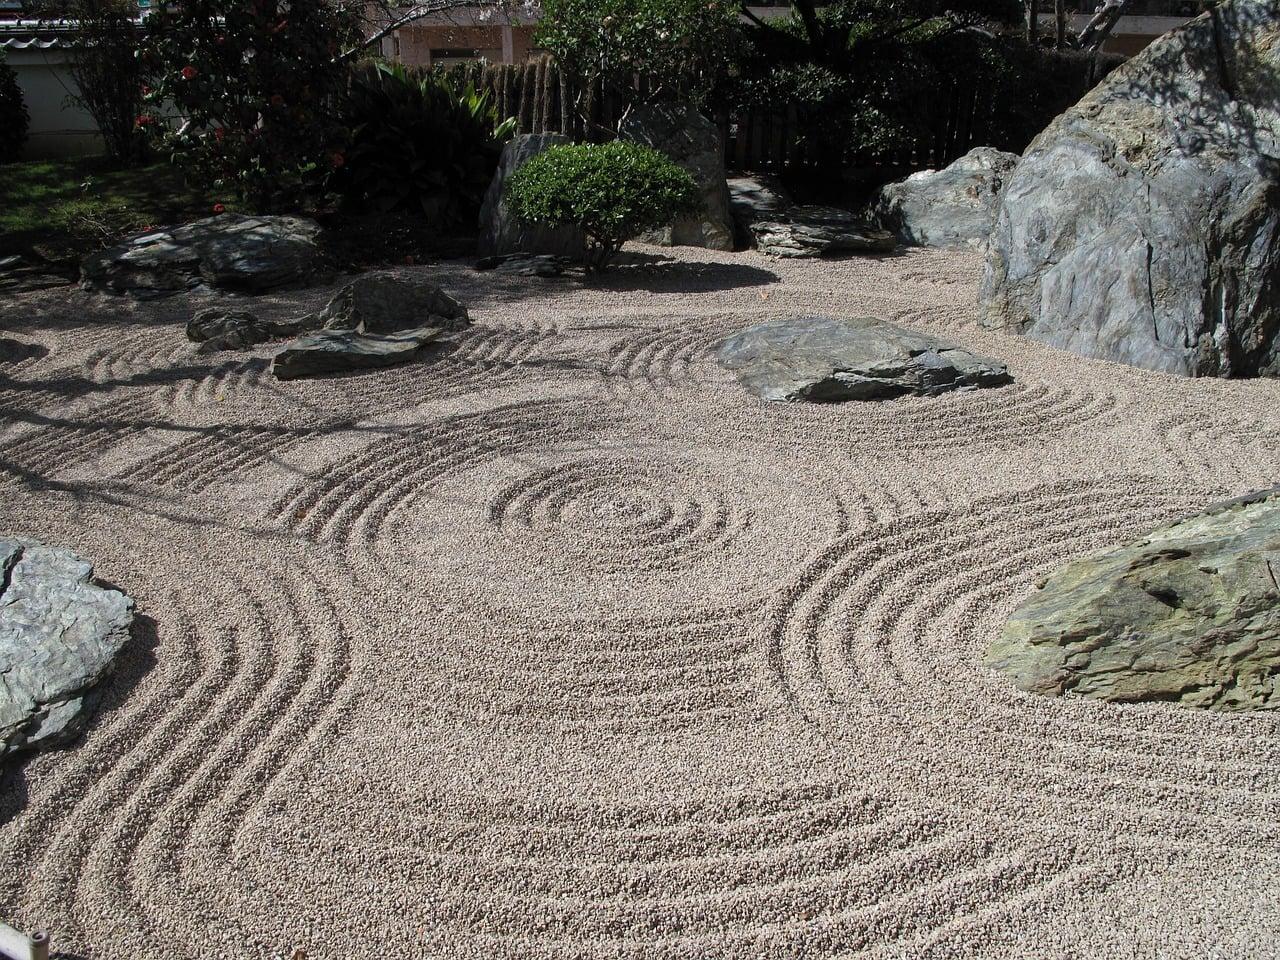 Using pebbles, rocks and boulders in a zen garden